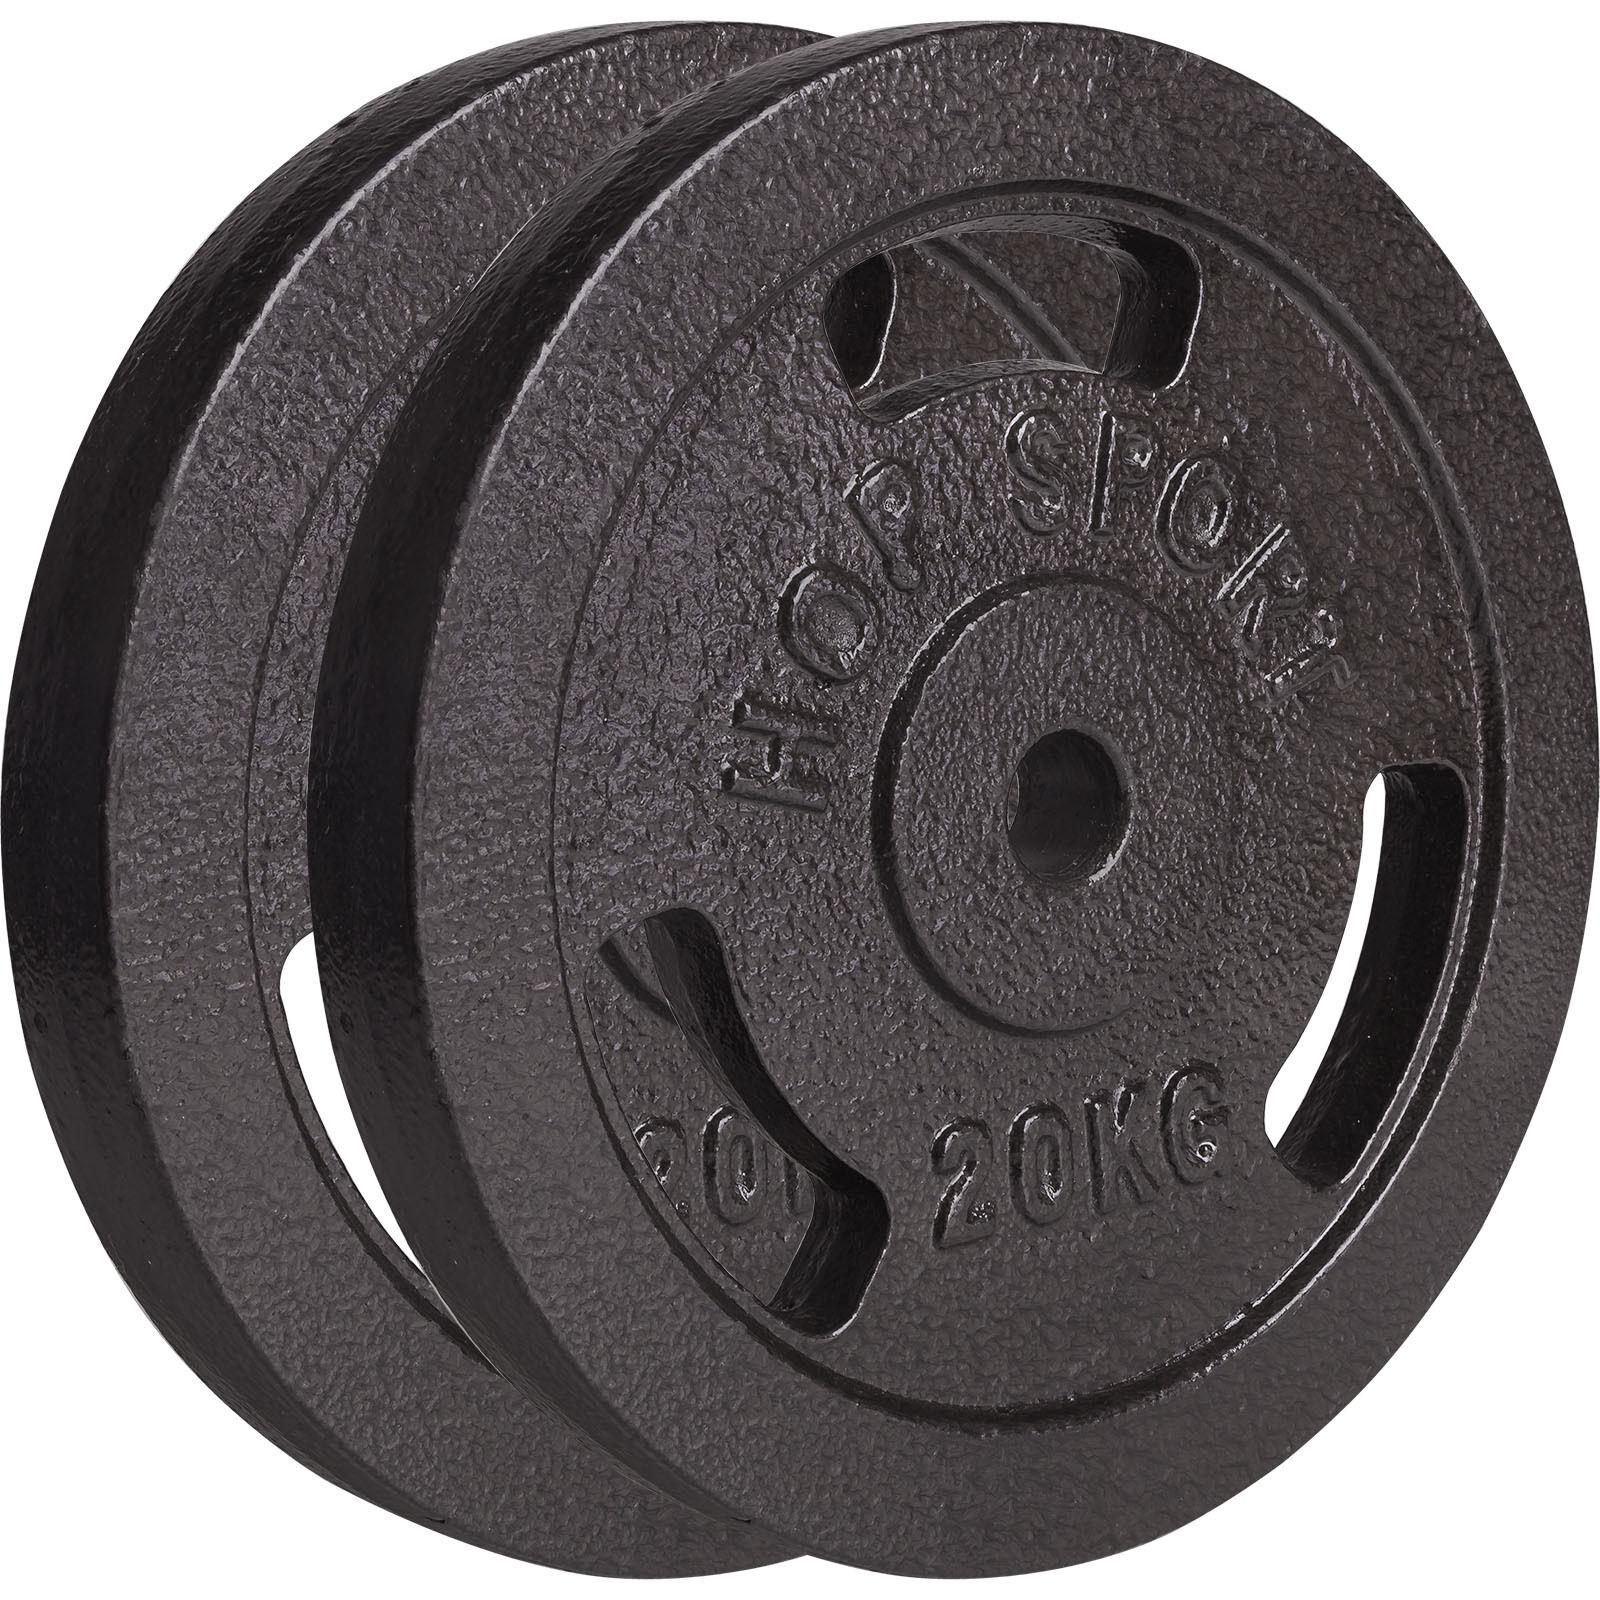 DISQUES HALTÈRES FONTE 40 kg 2x20 kg 30 mm  Fitness Musculation bras HALTÈROPHIL